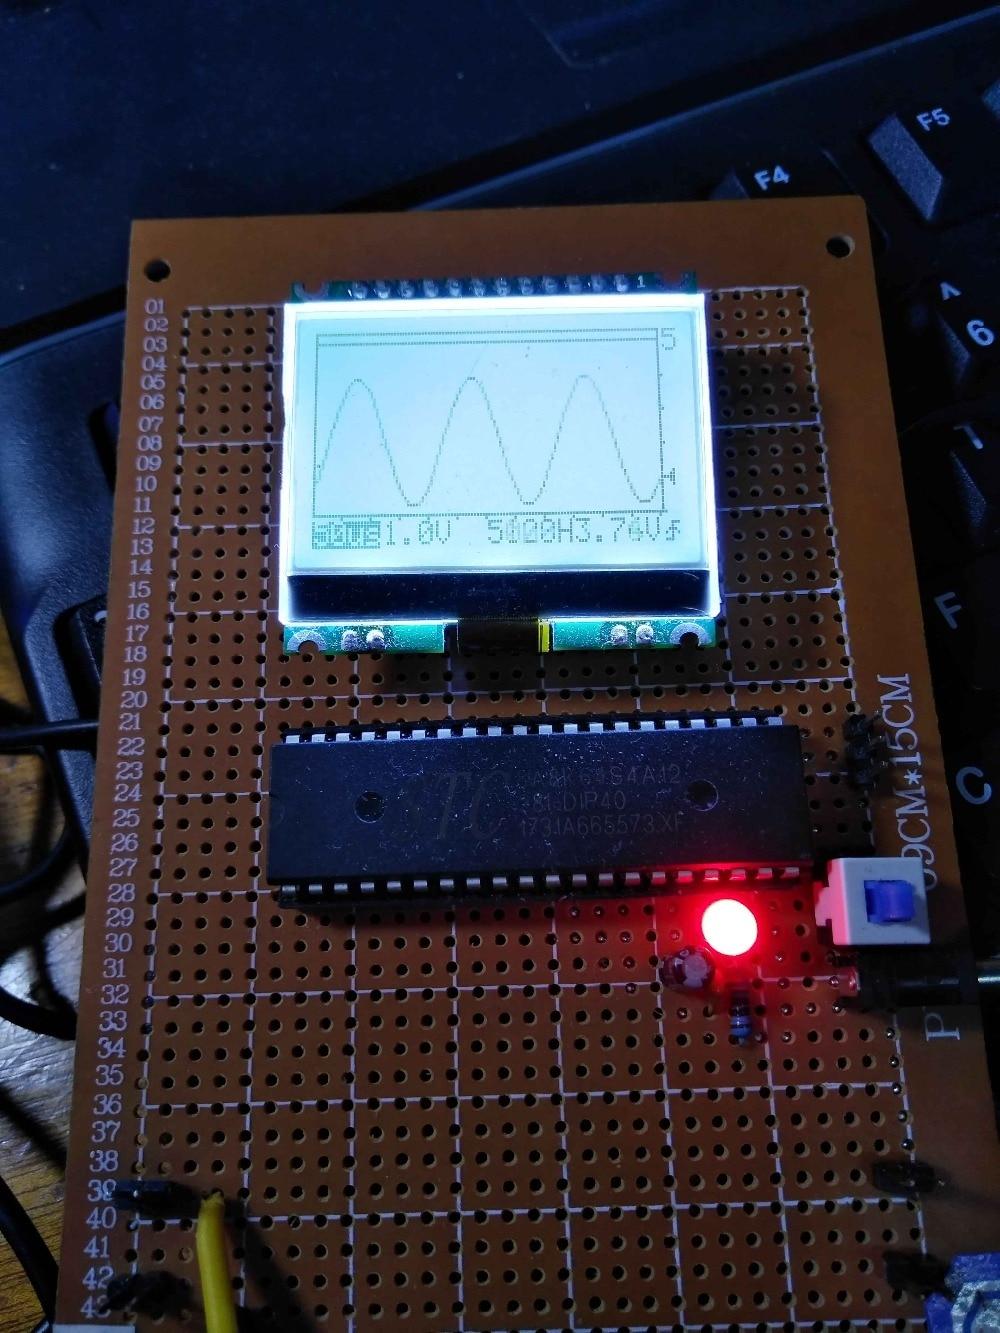 Design Von Single-chip-mikrocomputer Natürlich Basierend Auf 51 Ein-chip-mikrocomputer Oszilloskop